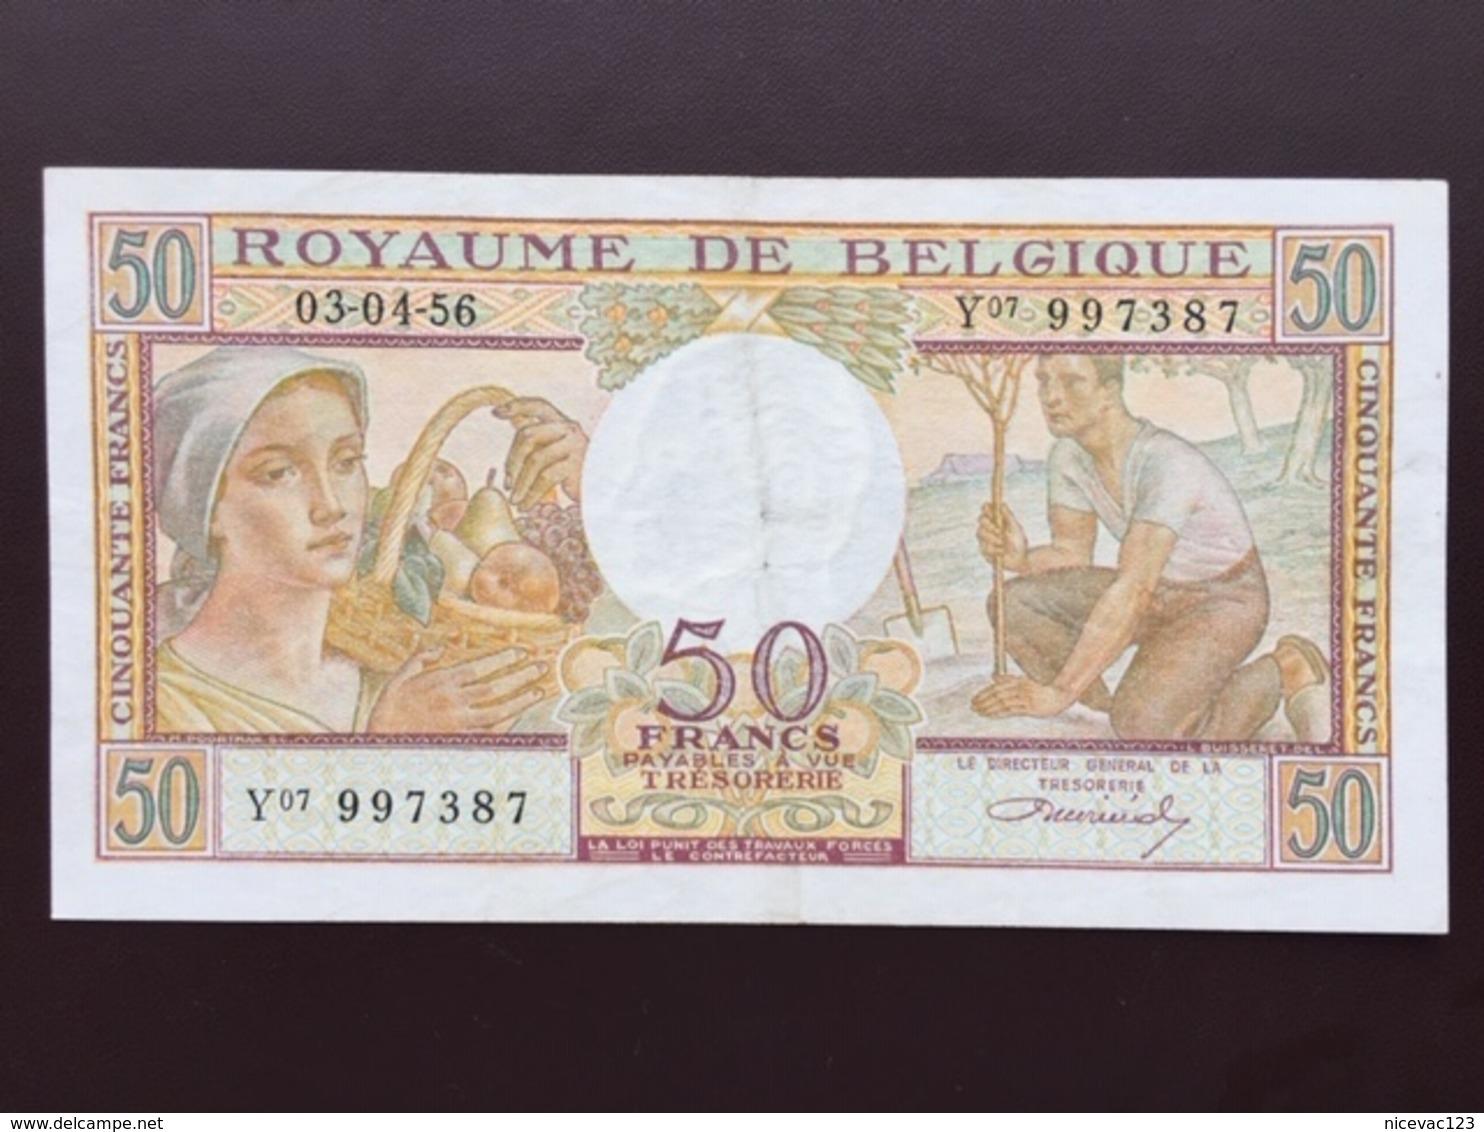 BELGIUM P133B 50 FRANCS 03.04.1956 VF+ - [ 2] 1831-... : Reino De Bélgica